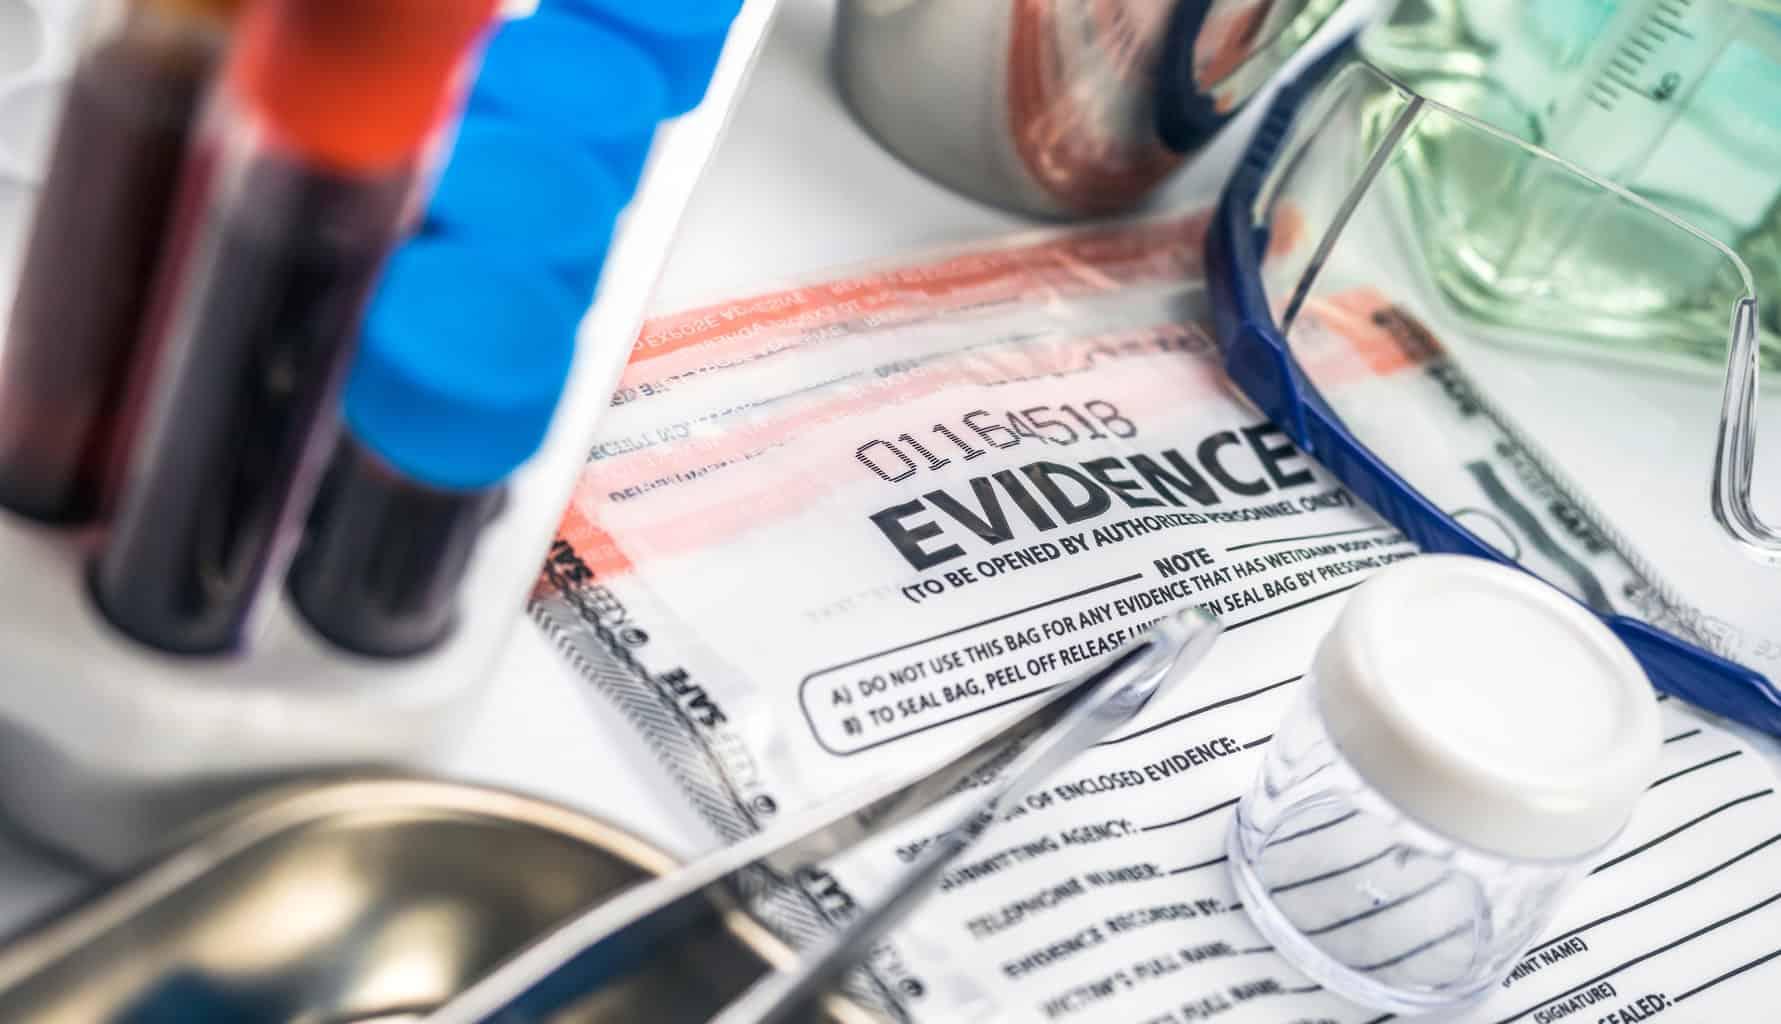 DUI evidence